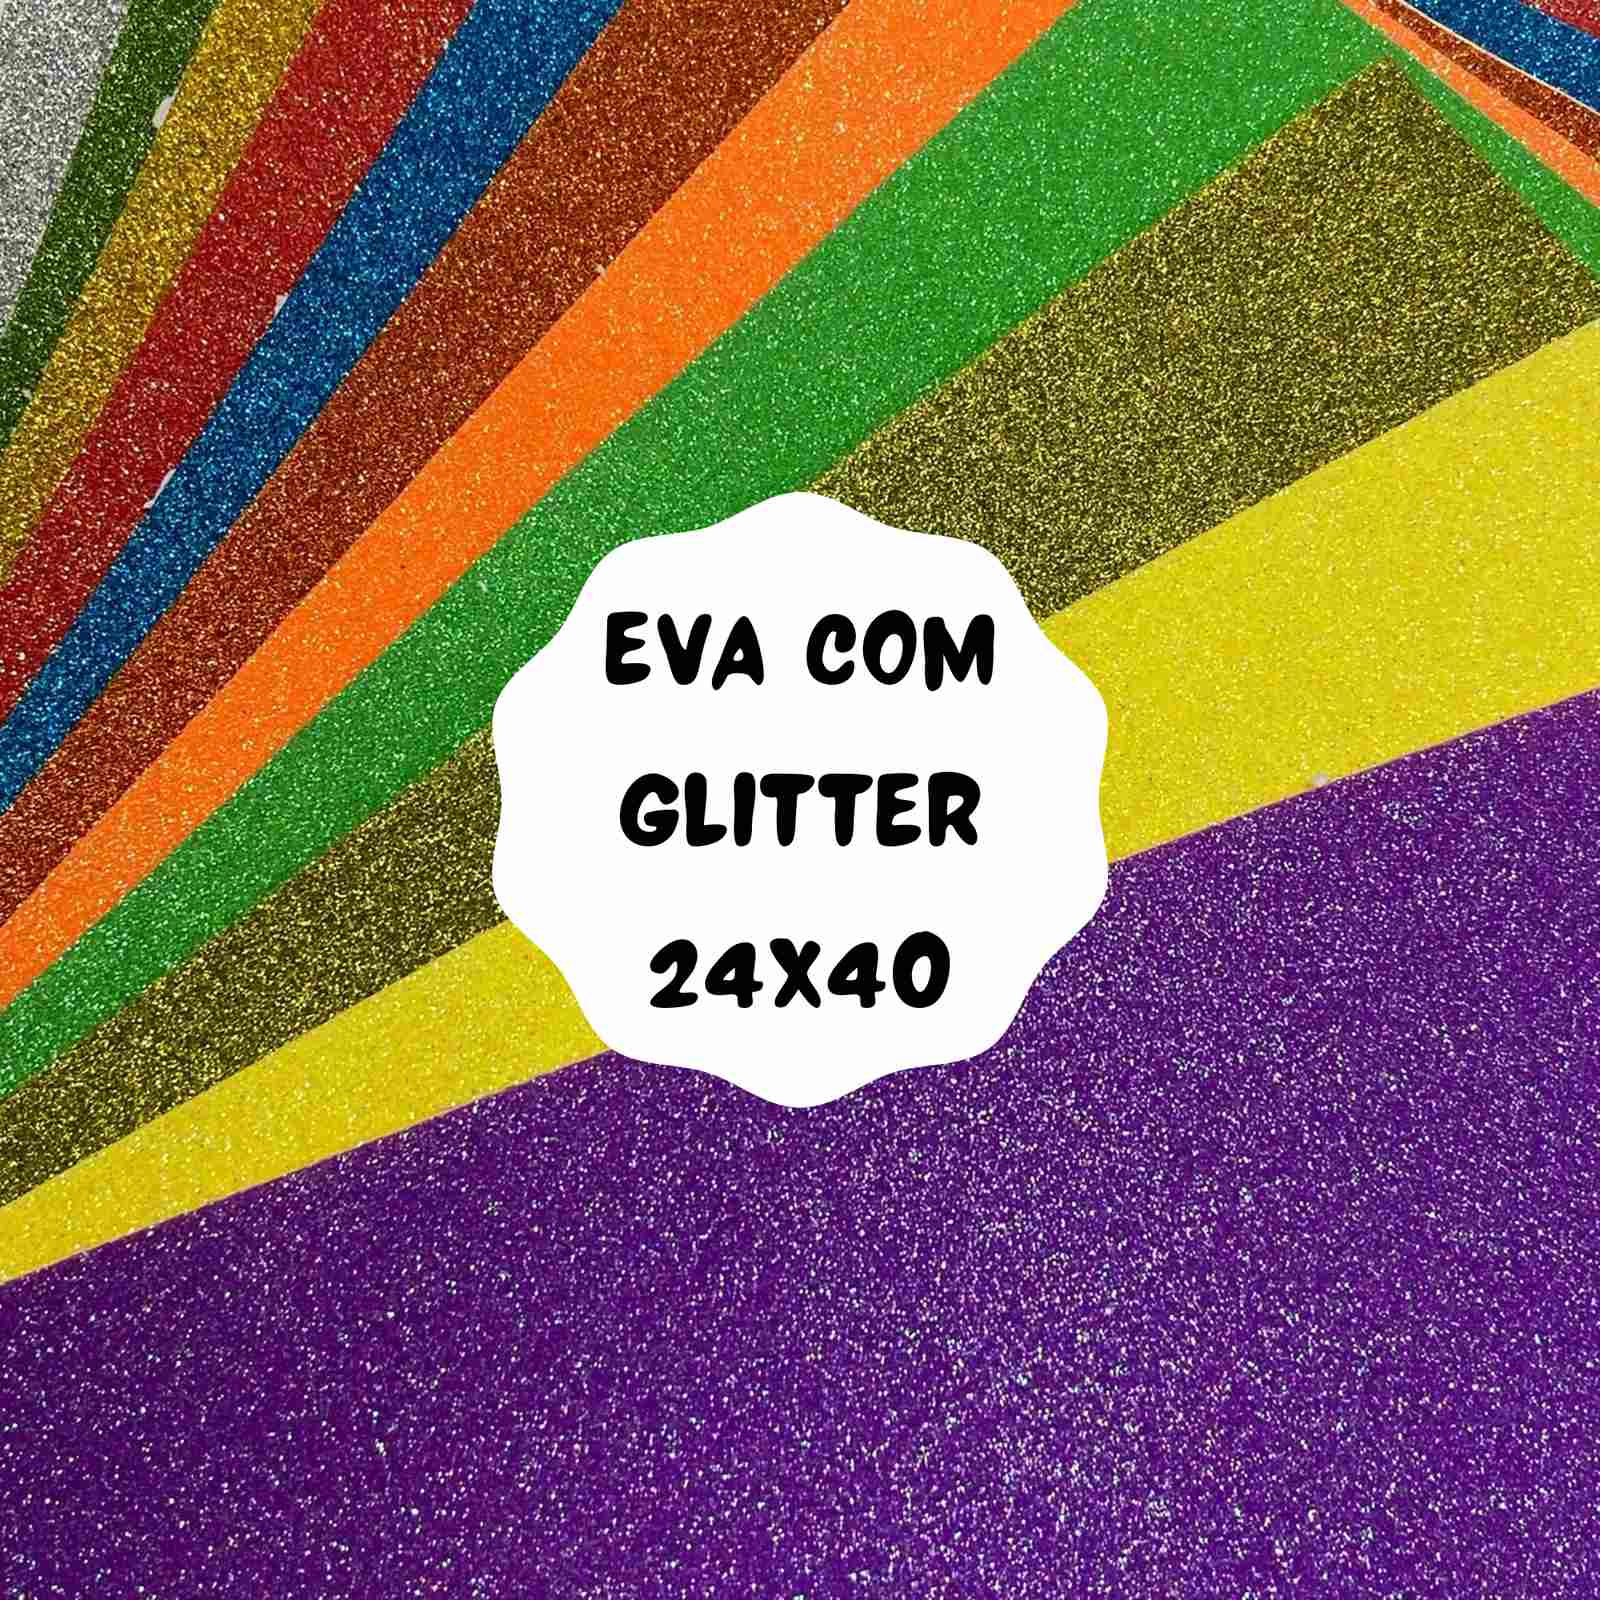 EVA com Glitter Autoadesivo - 2 folhas